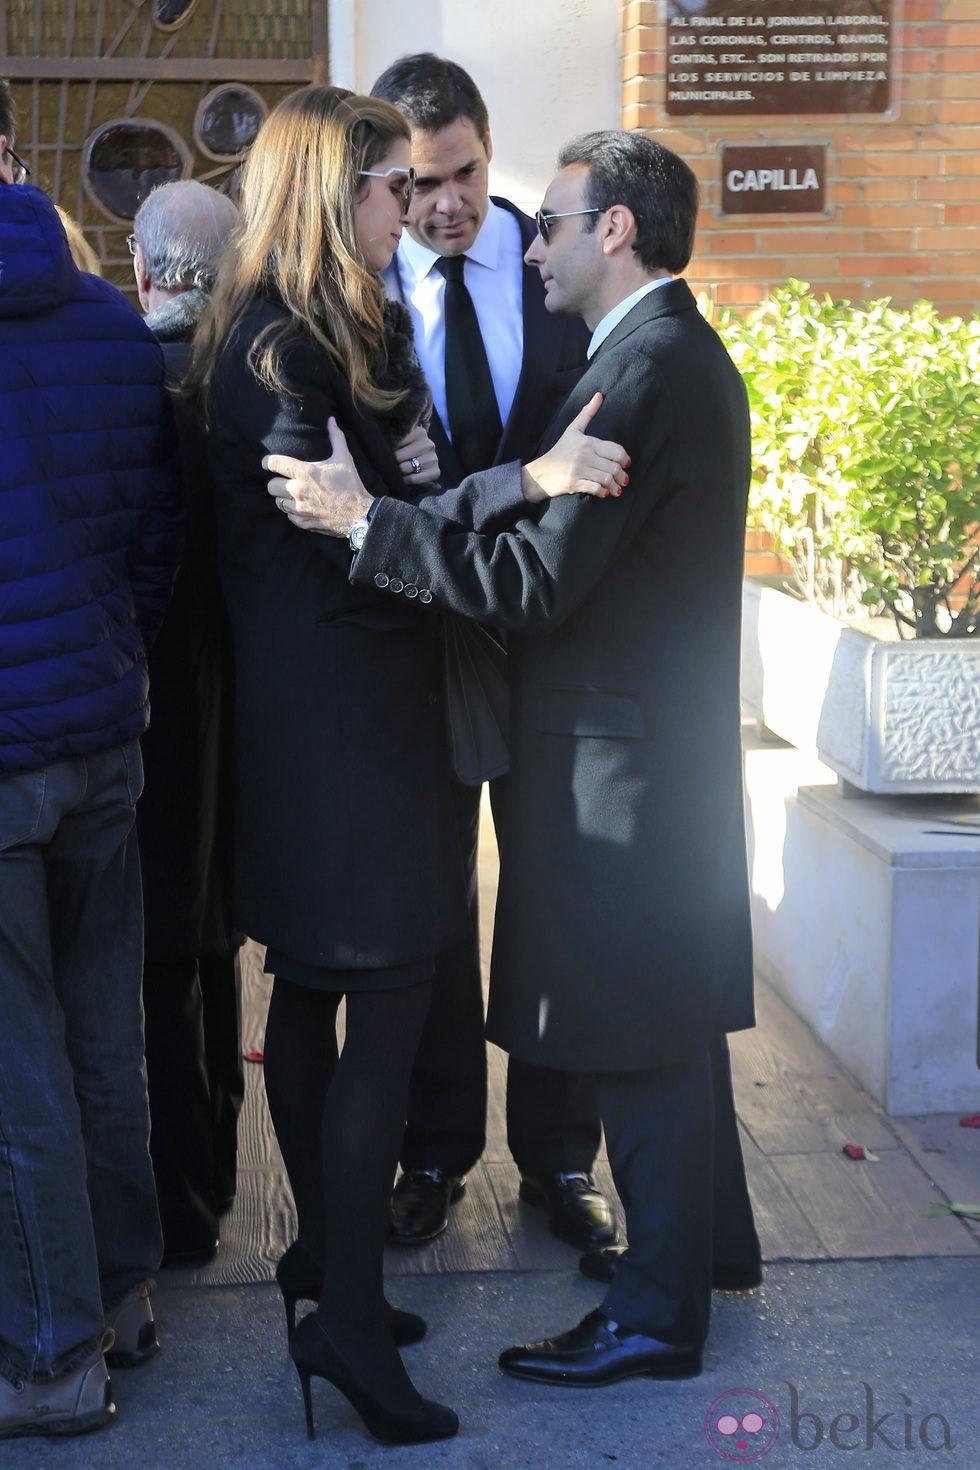 Margarita Vargas y Luis Alfonso de Borbn con Enrique